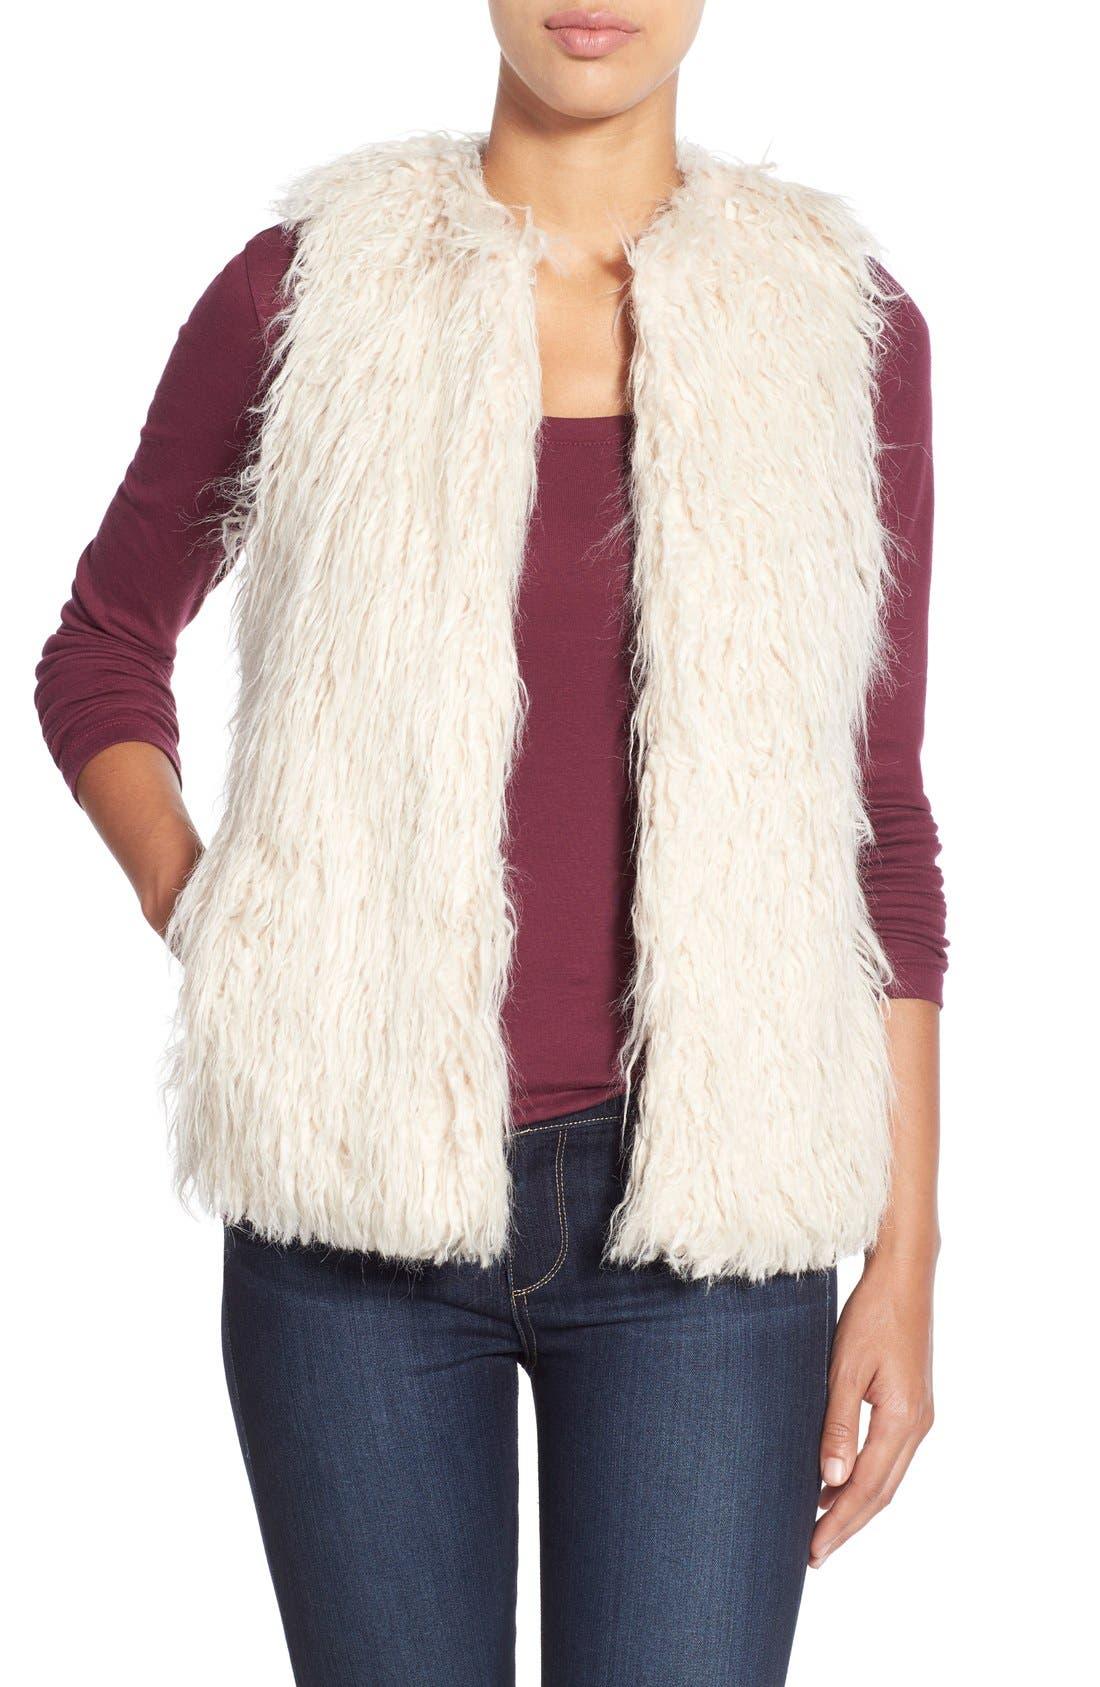 Shaggy Faux Fur Vest,                             Main thumbnail 1, color,                             299